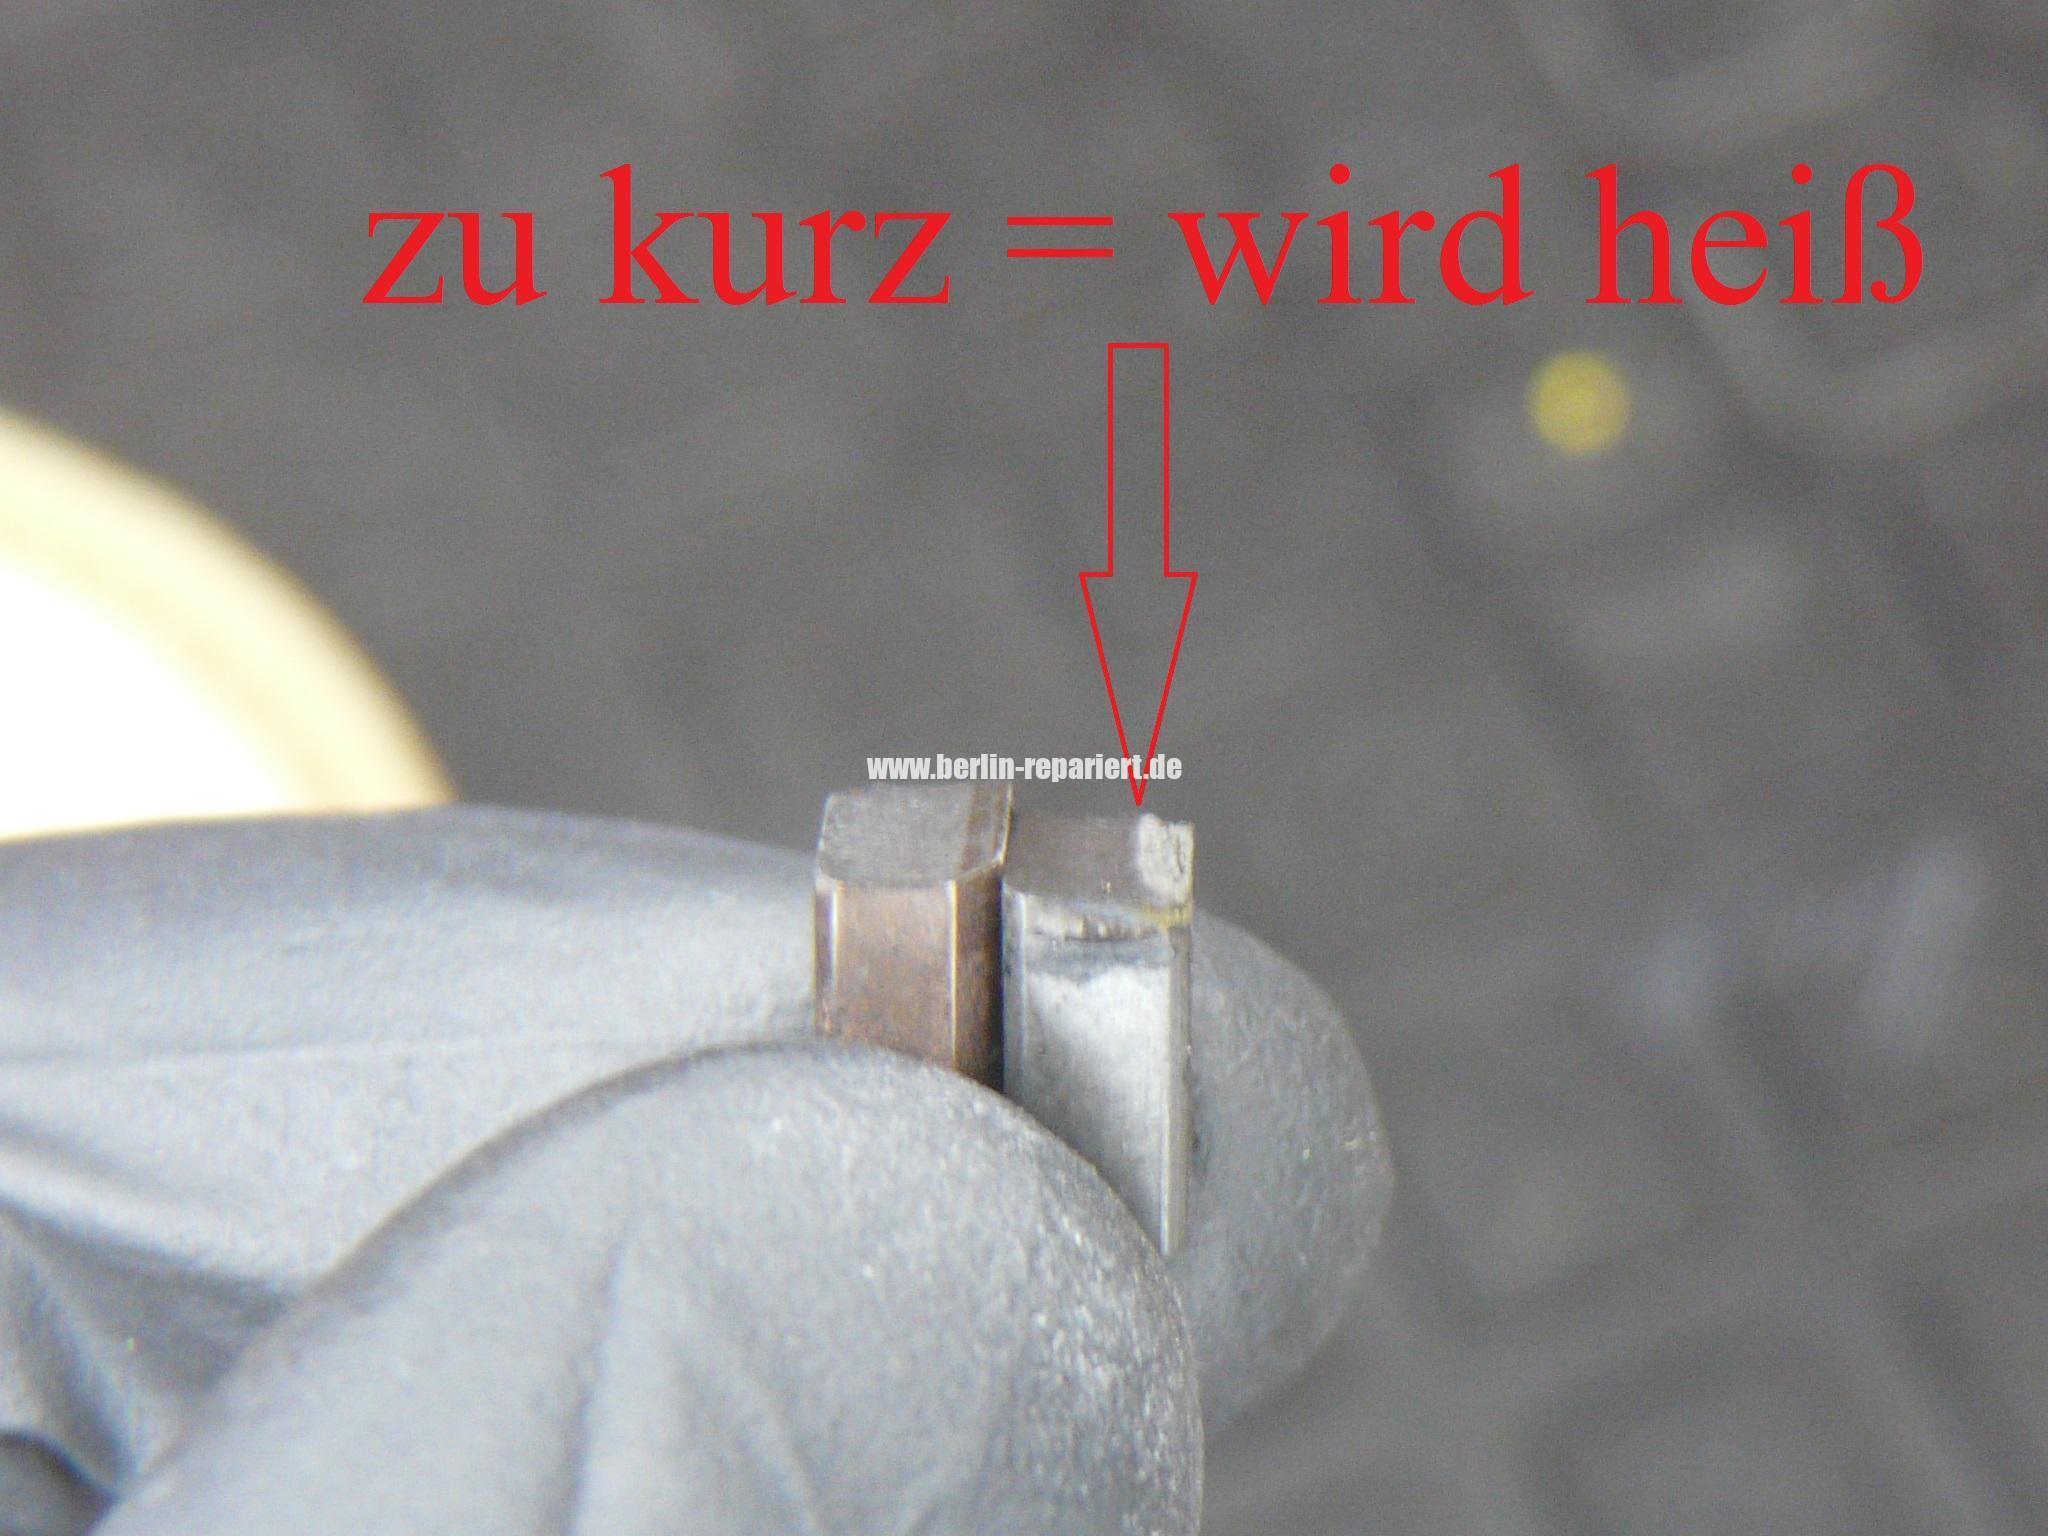 Siemens Kühlschrank Heiß : Siemens eq serie mahlwerk hat kein leistung u atlas multimedia we